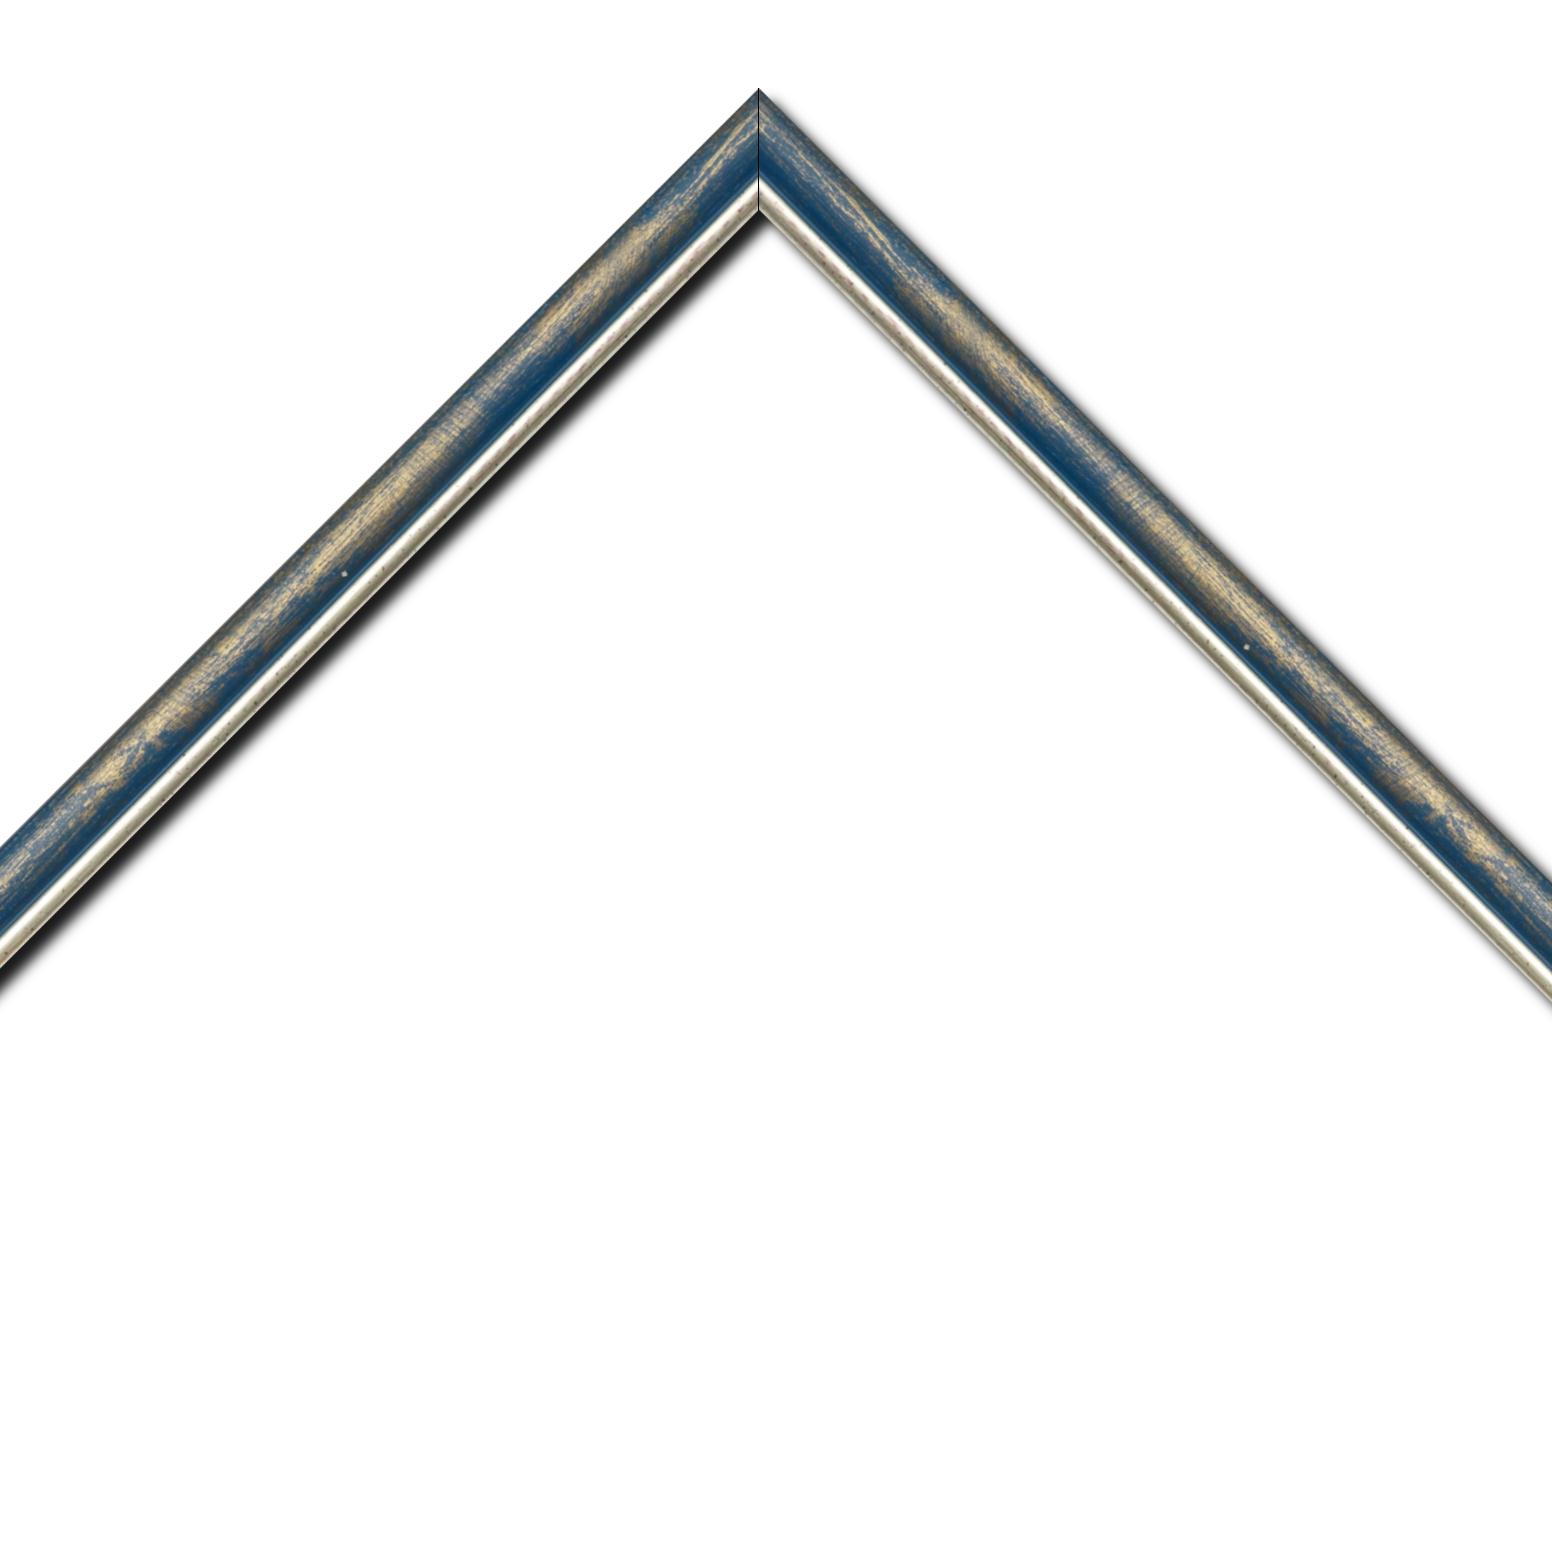 Baguette bois profil arrondi largeur 2.1cm  couleur bleu fond or filet argent chaud